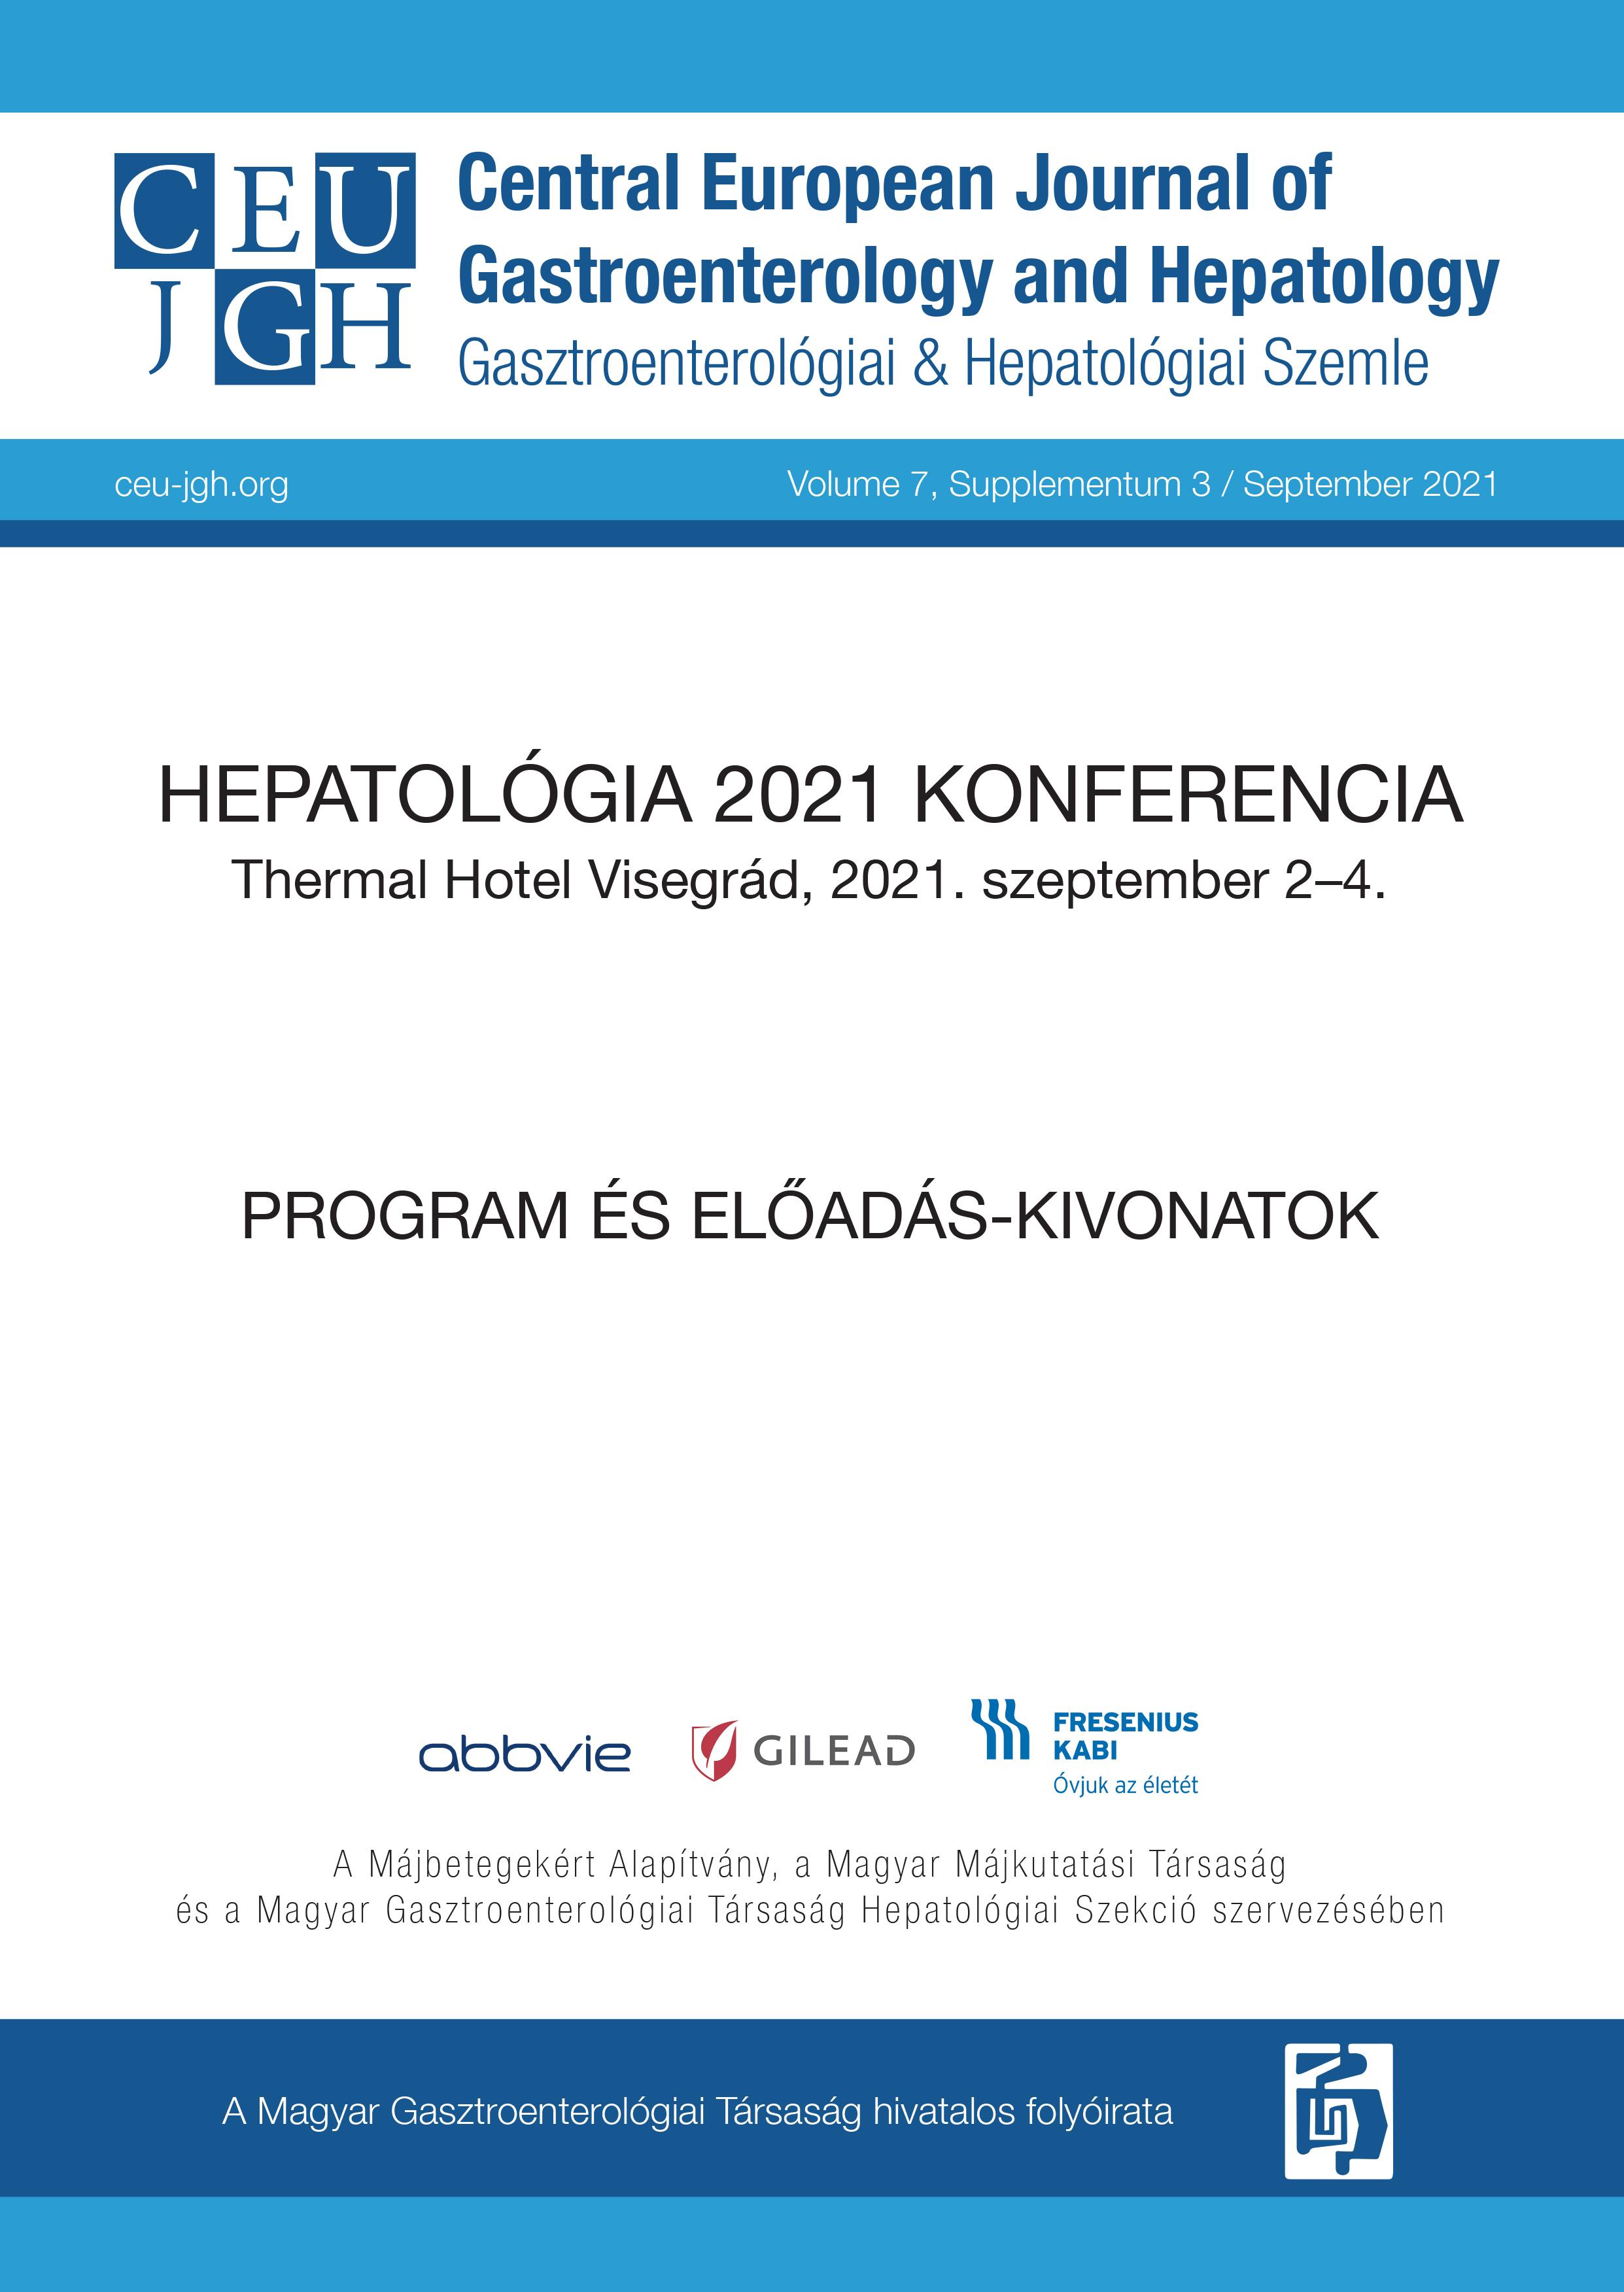 Hepatológia 2021 Programfüzet